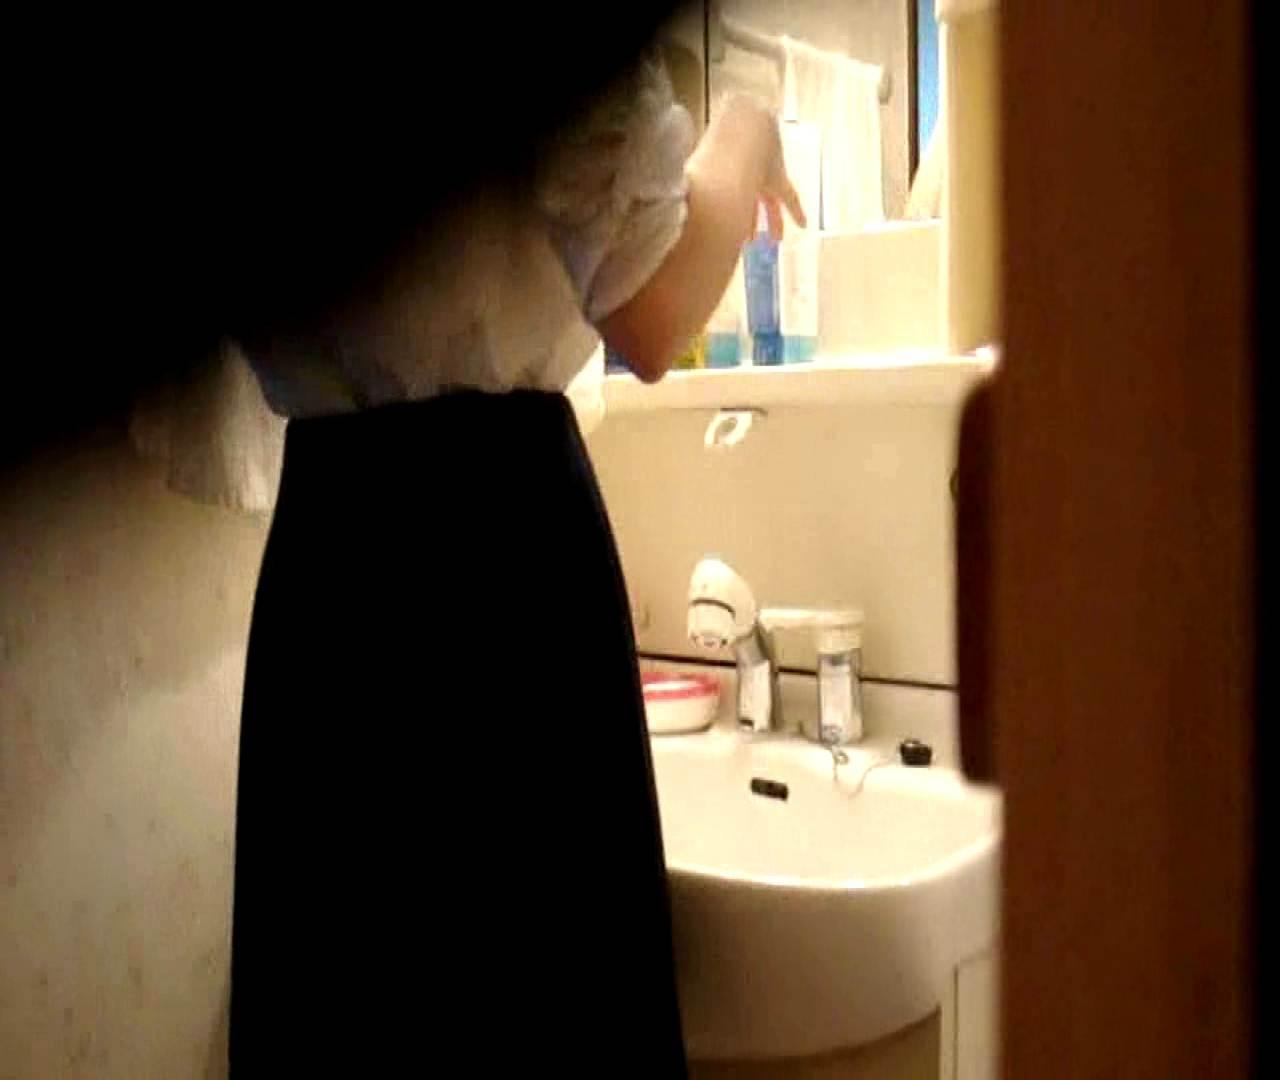 二人とも育てた甲斐がありました… vol.05 まどかが洗顔後にブラを洗濯 HなOL | 0  98pic 56